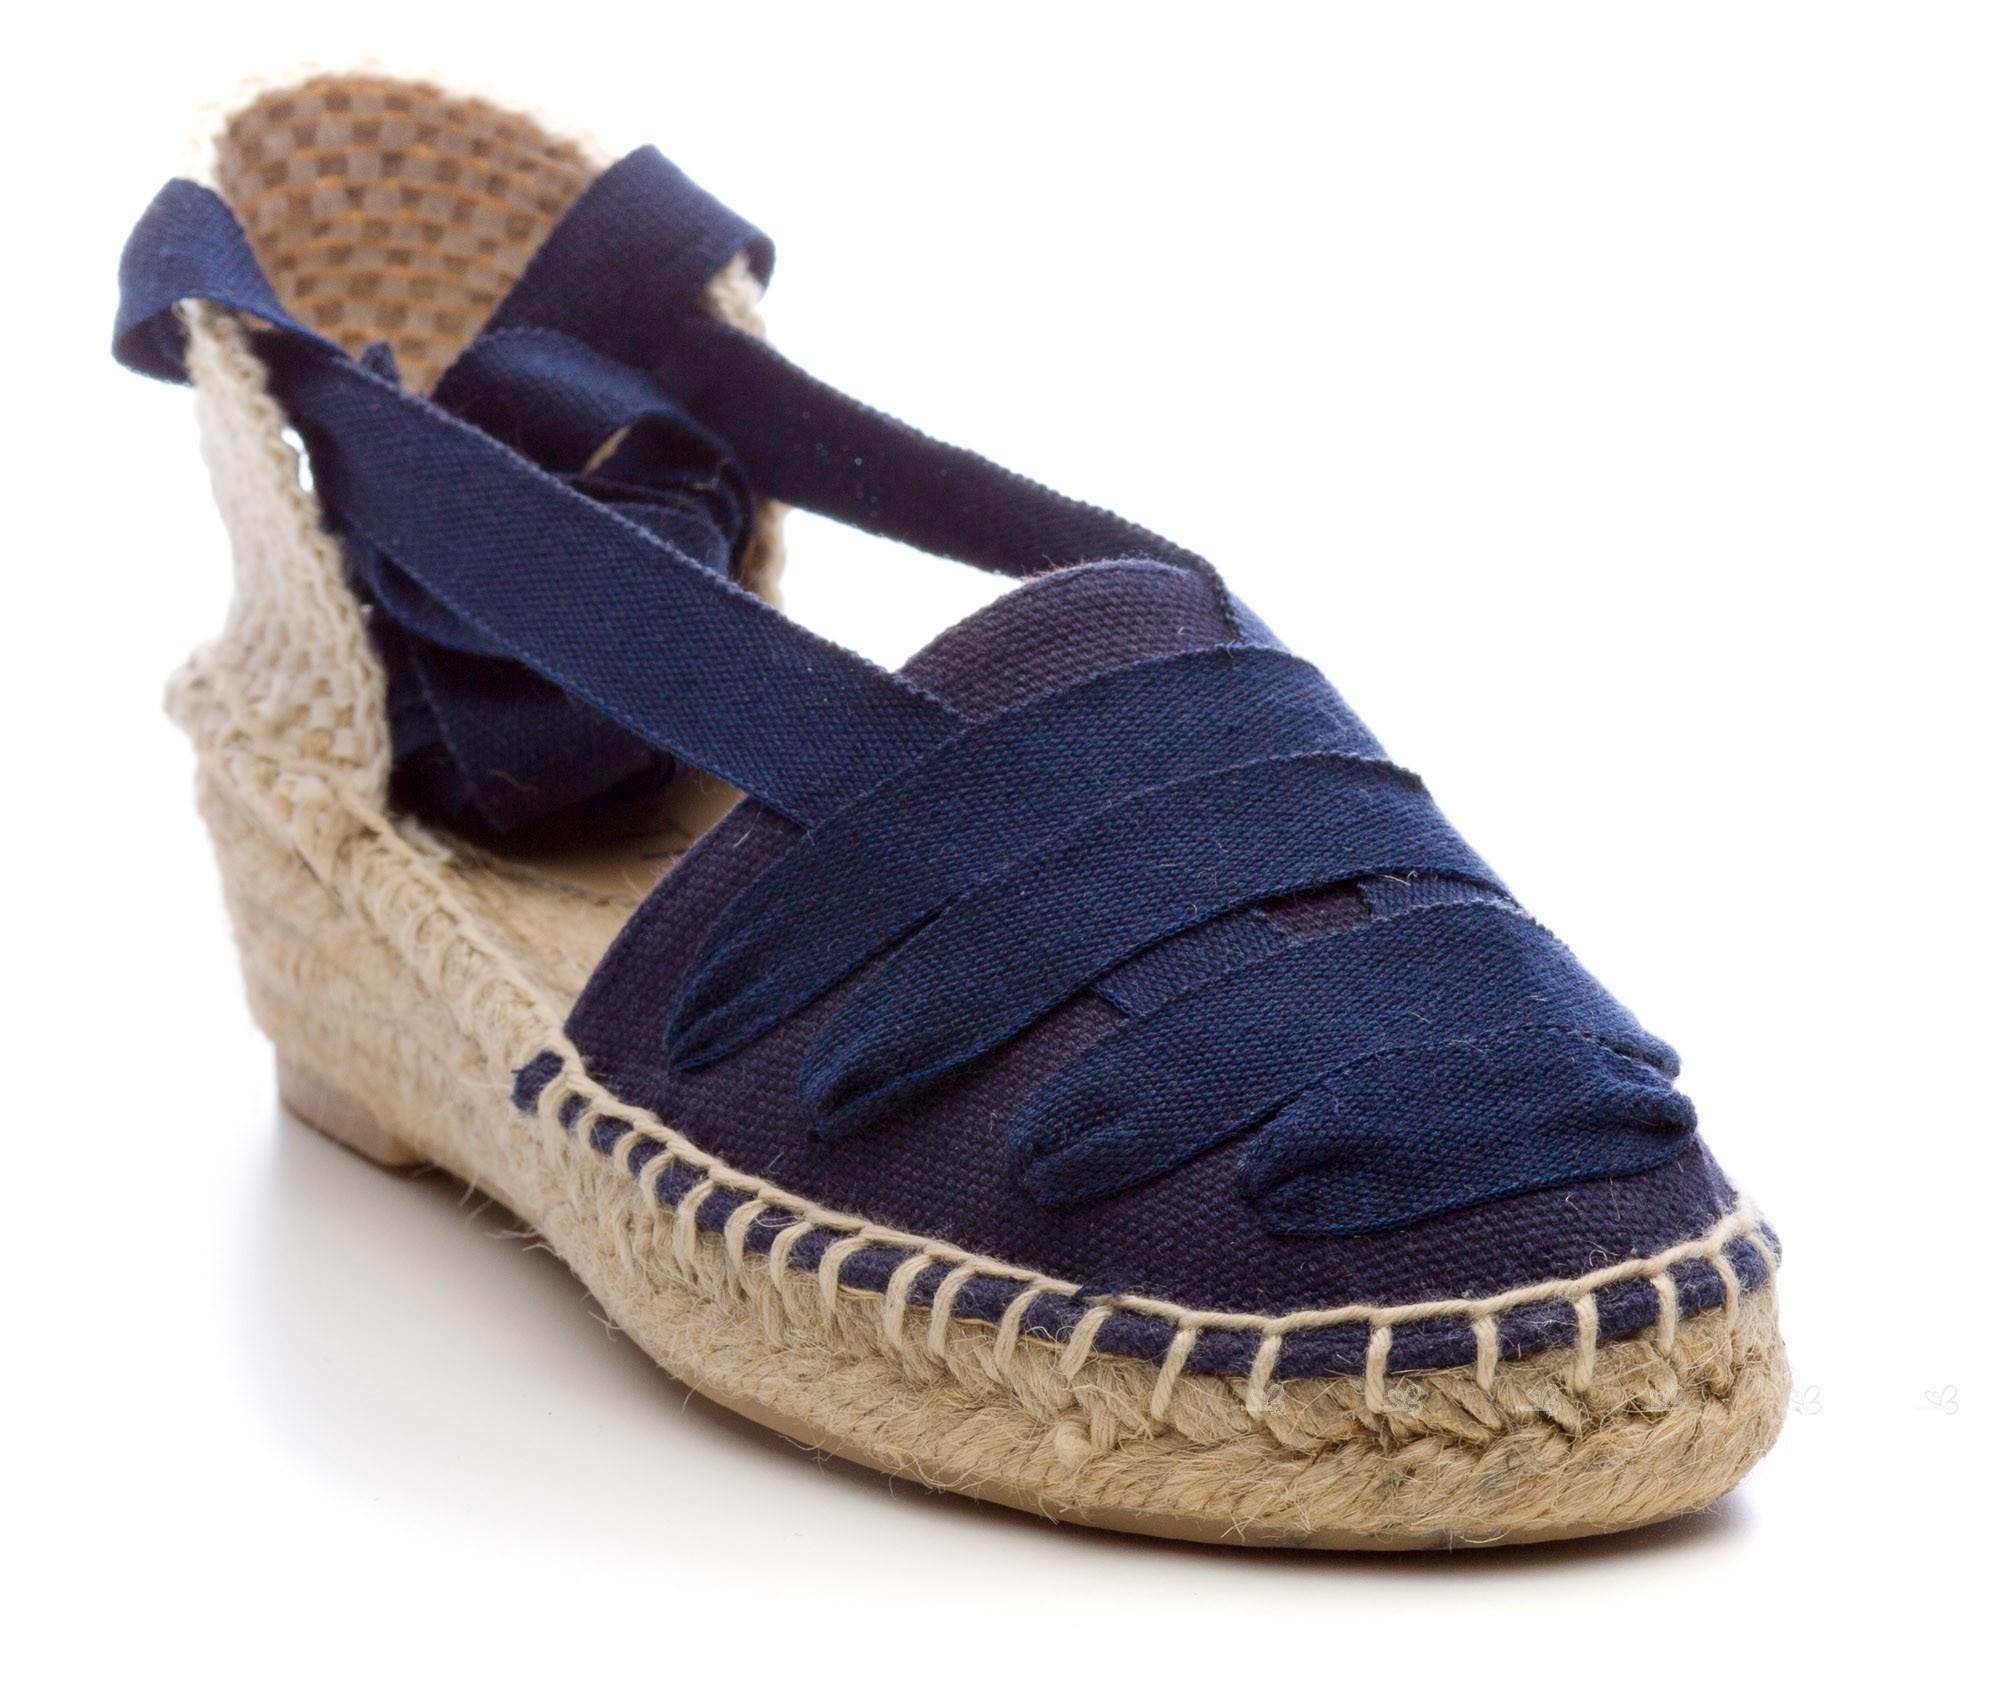 CONFETTI Girls Navy Blue Espadrille Sandals | Missbaby